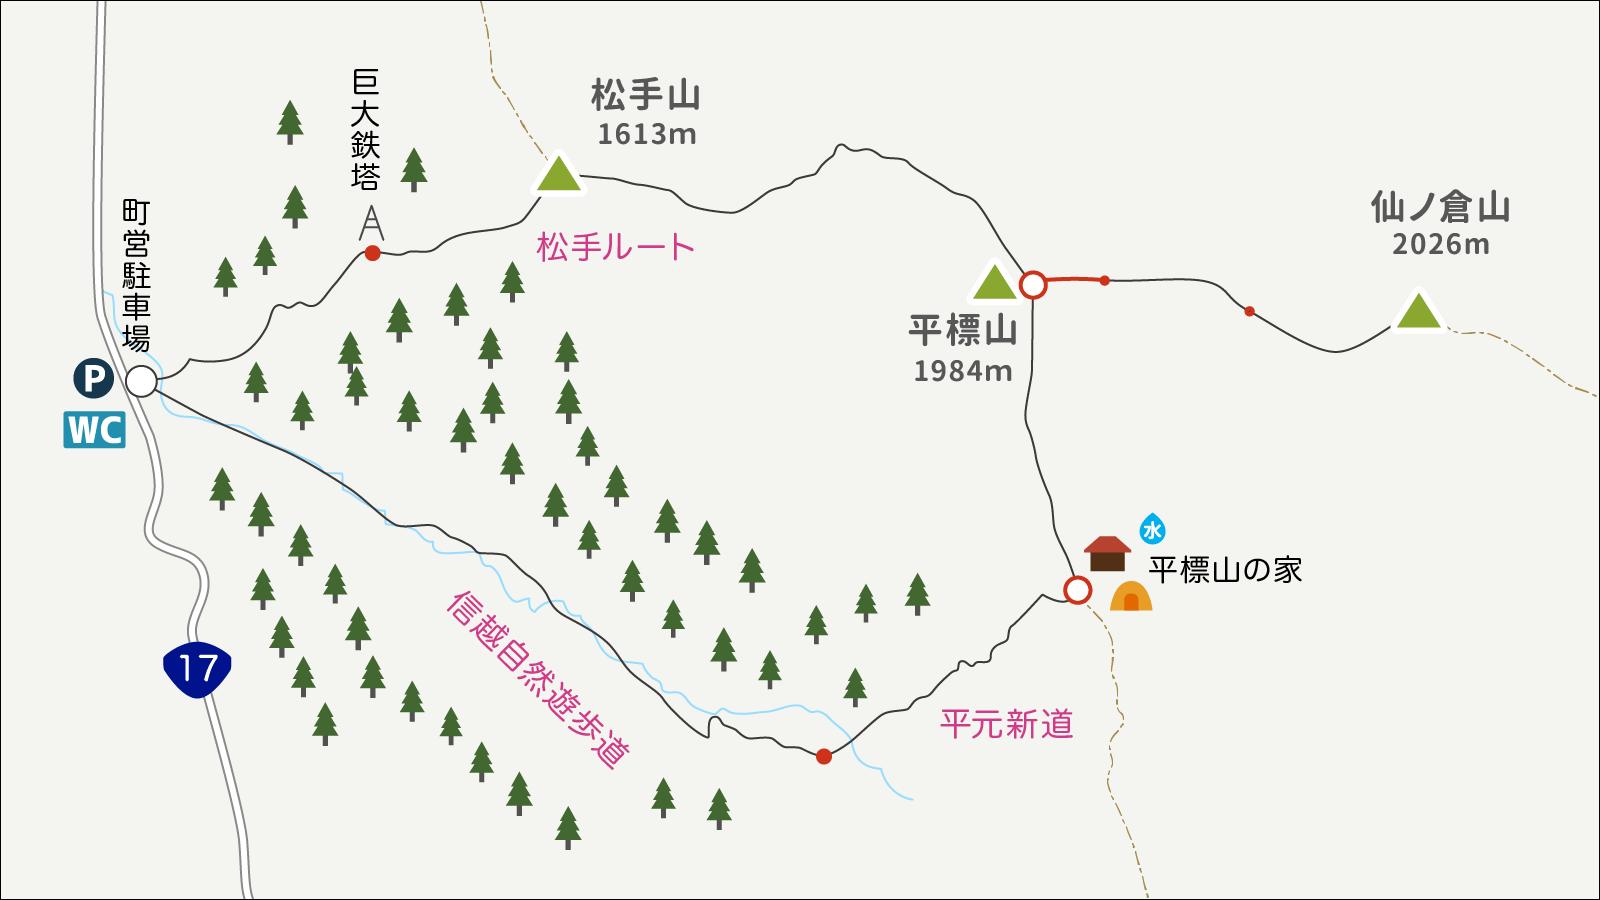 平標山から仙ノ倉山までのイラストマップ1